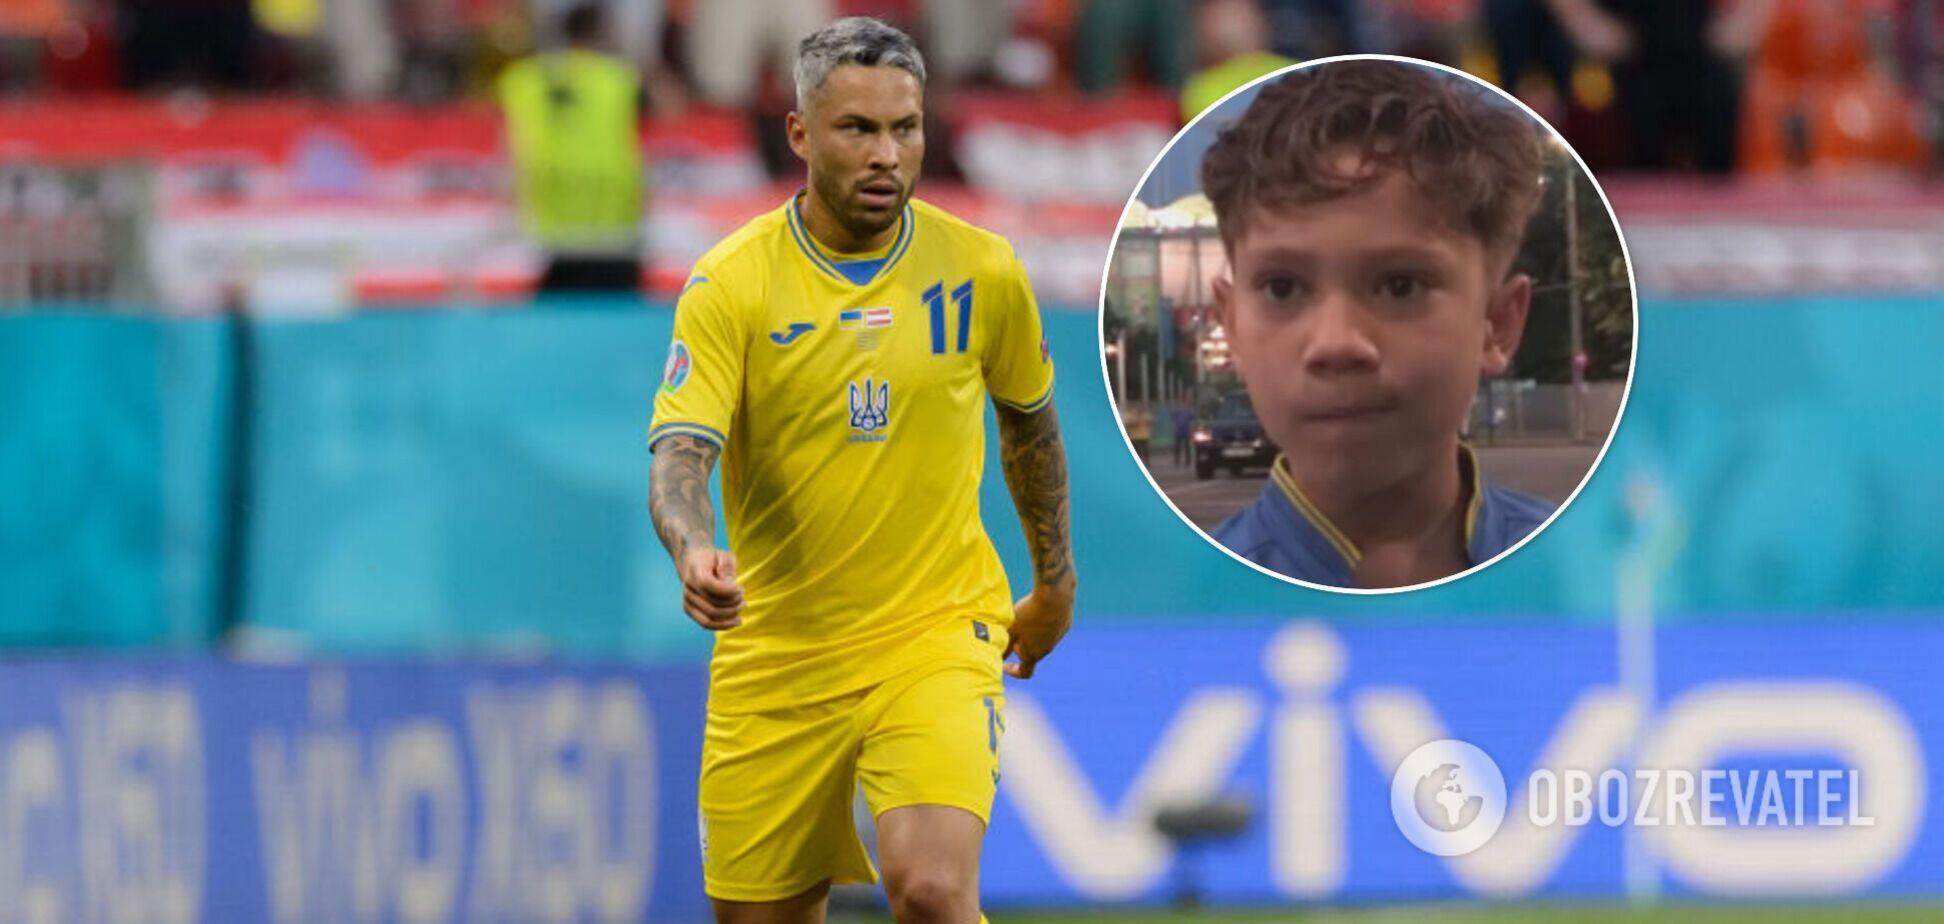 Син Марлоса не вражений грою батька за збірну України